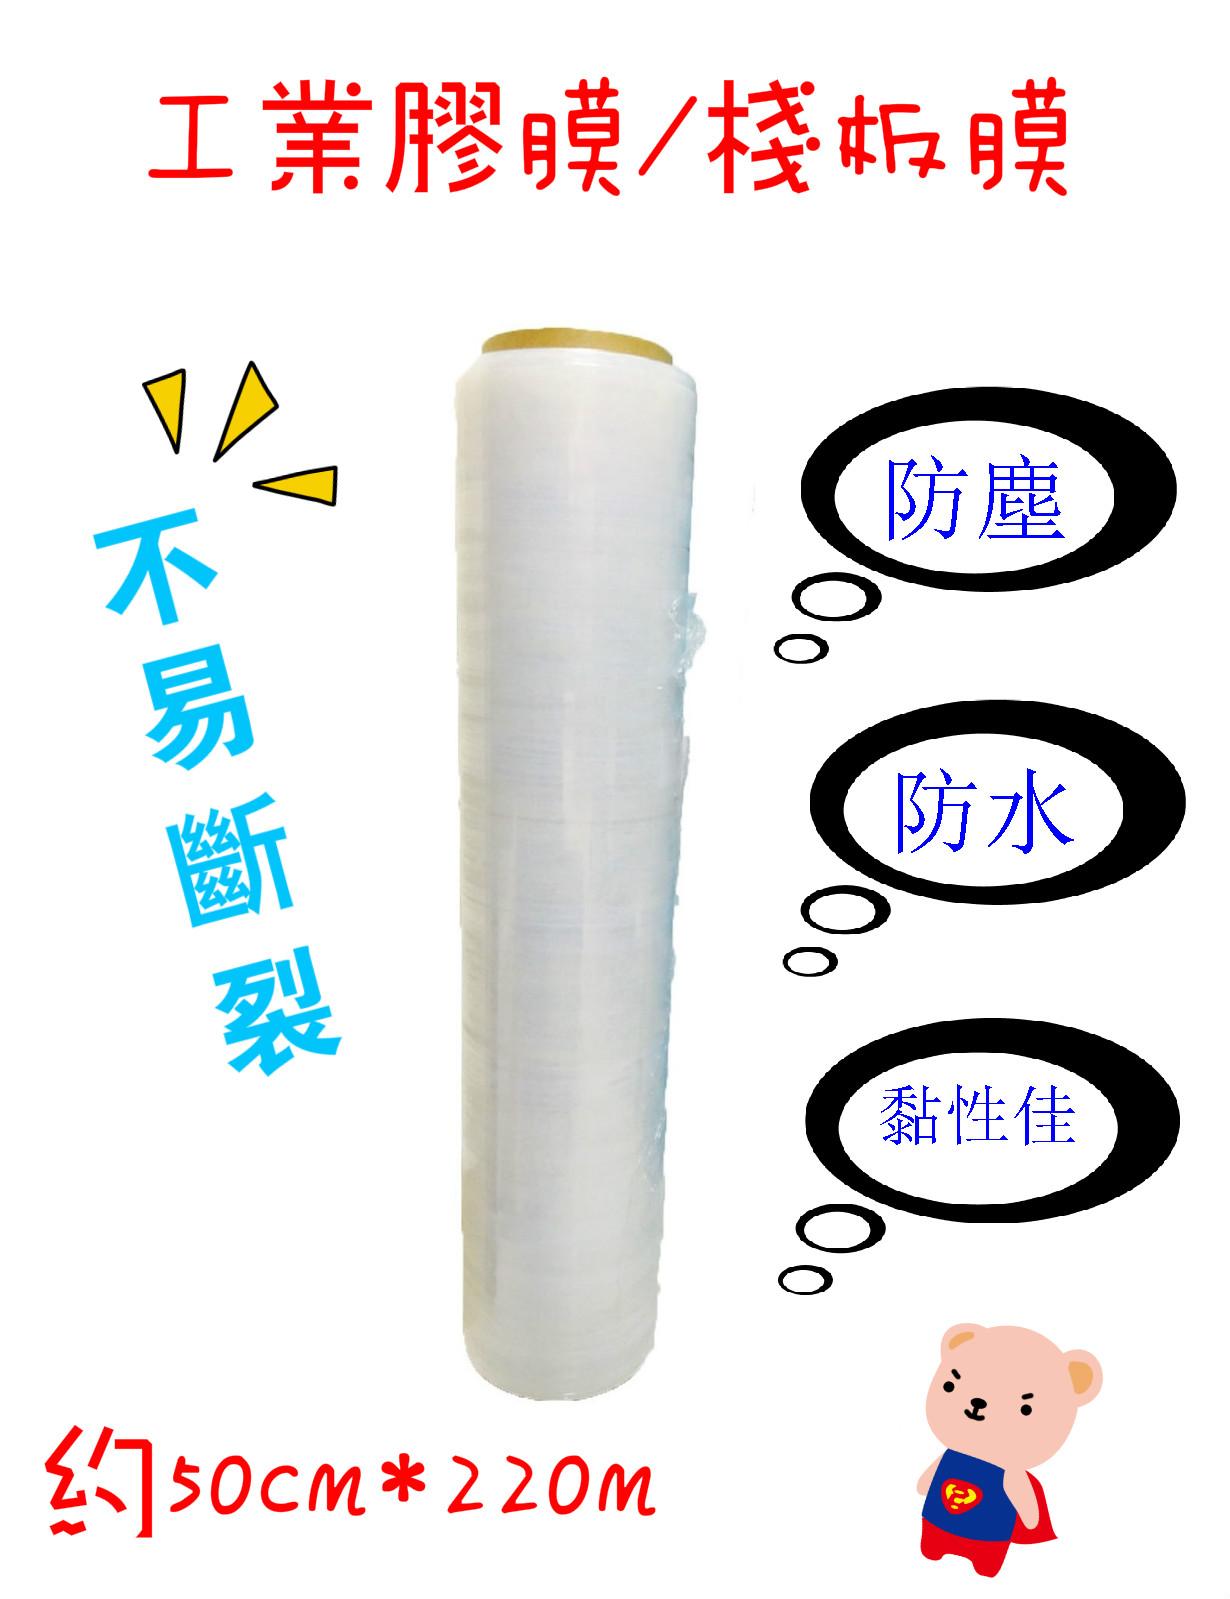 ❤含發票❤約50cm*220m一箱❤工業膠膜❤棧板模/棧板膜/膠帶/透明膠帶/膠膜/PE膜/膠帶/包裝❤1708